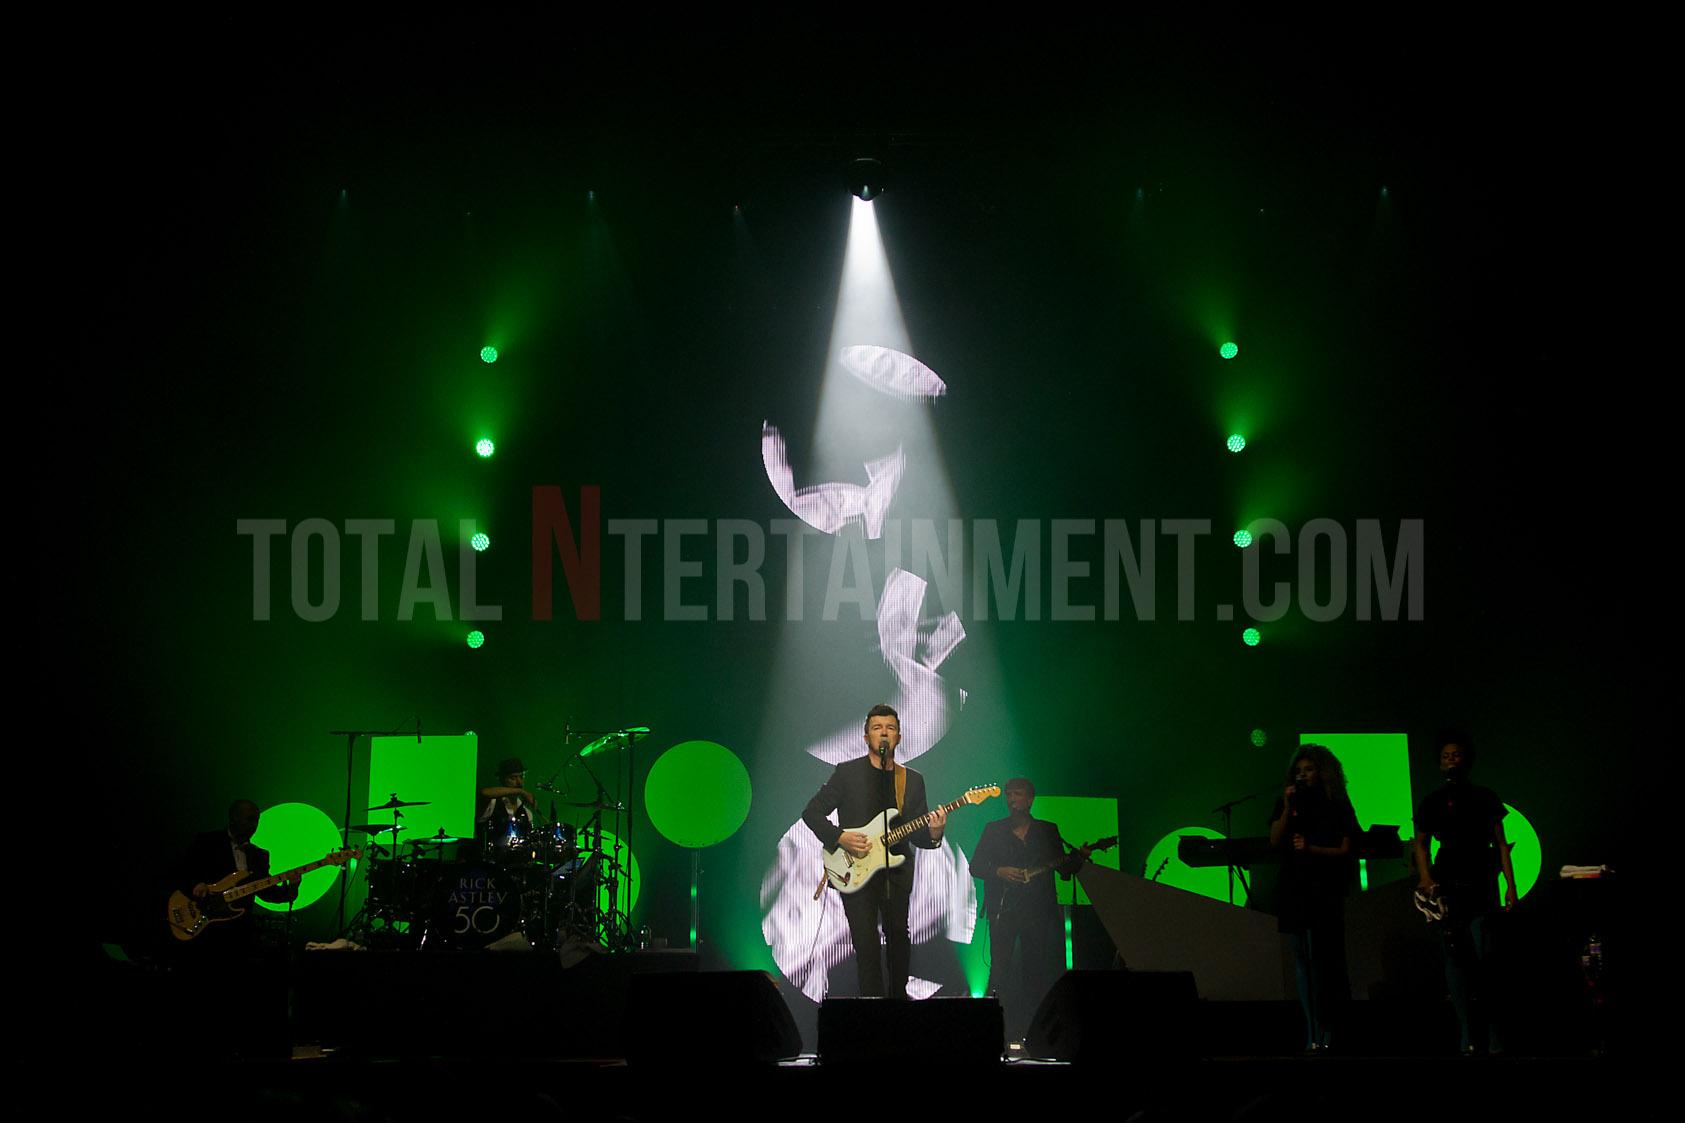 Rick Astley, Liverpool, Concert, Live Event